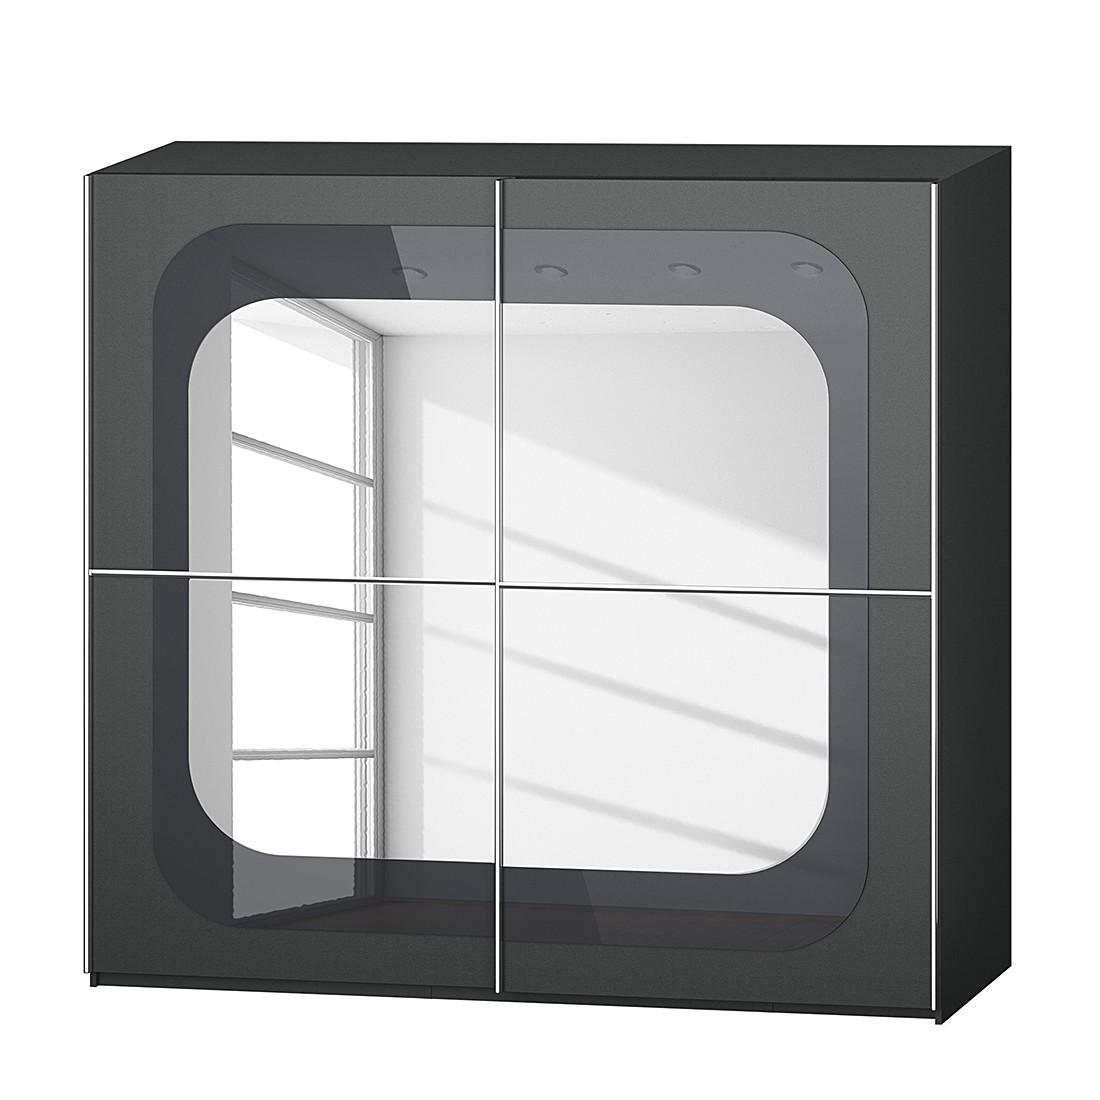 goedkoop Schuifdeurkast Lumos Grafietkleurig basalt 226cm 2 deurs 223cm Rauch Dialog